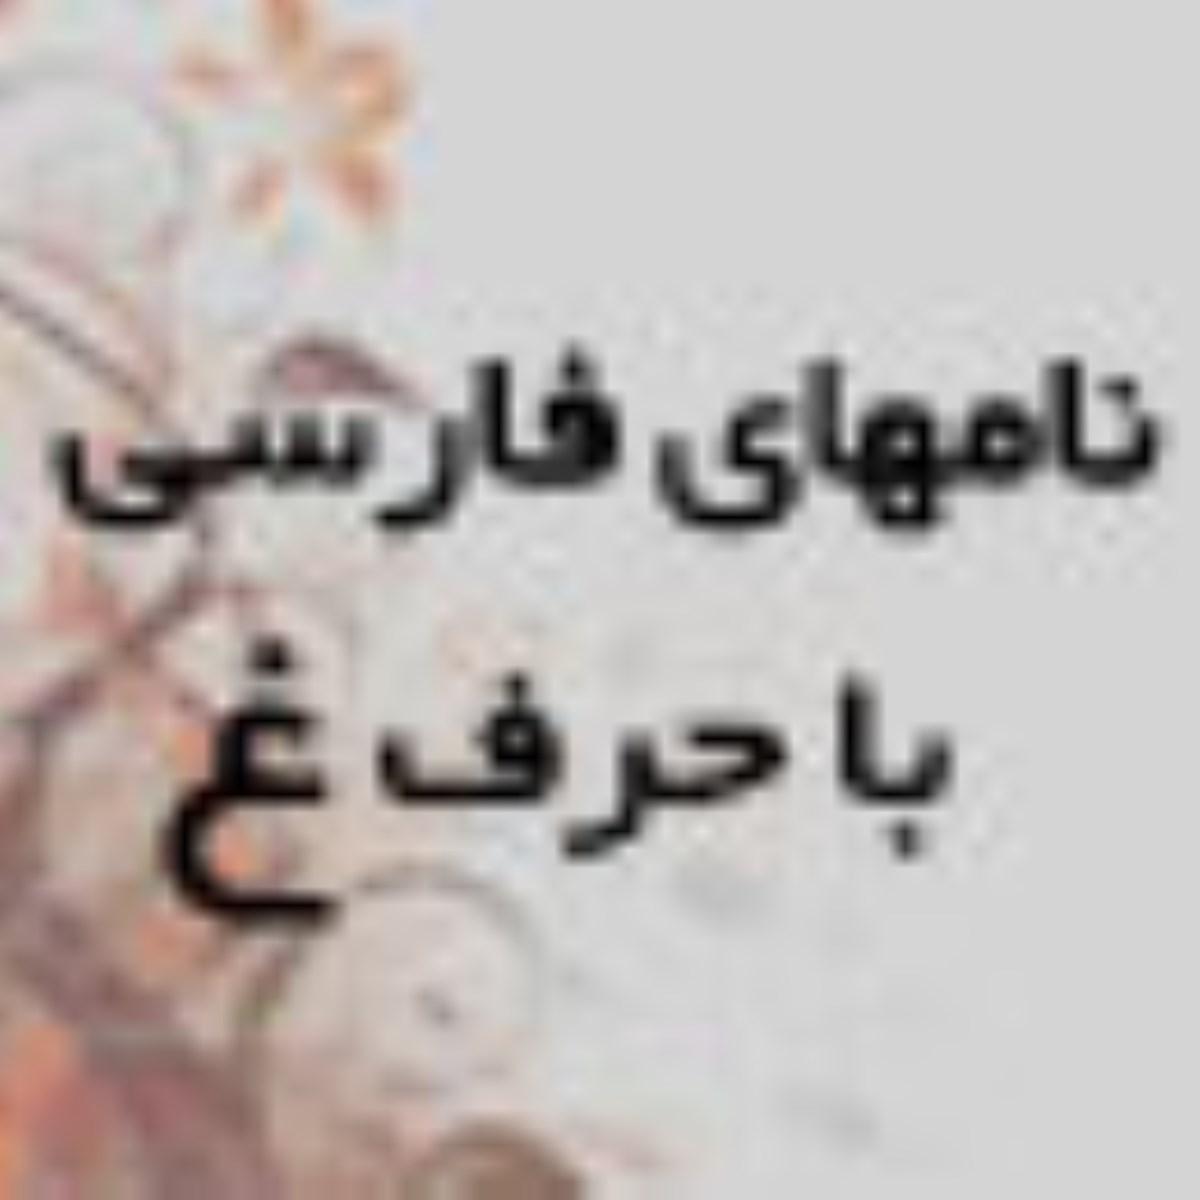 نام های فارسی که با حرف غ شروع می شوند